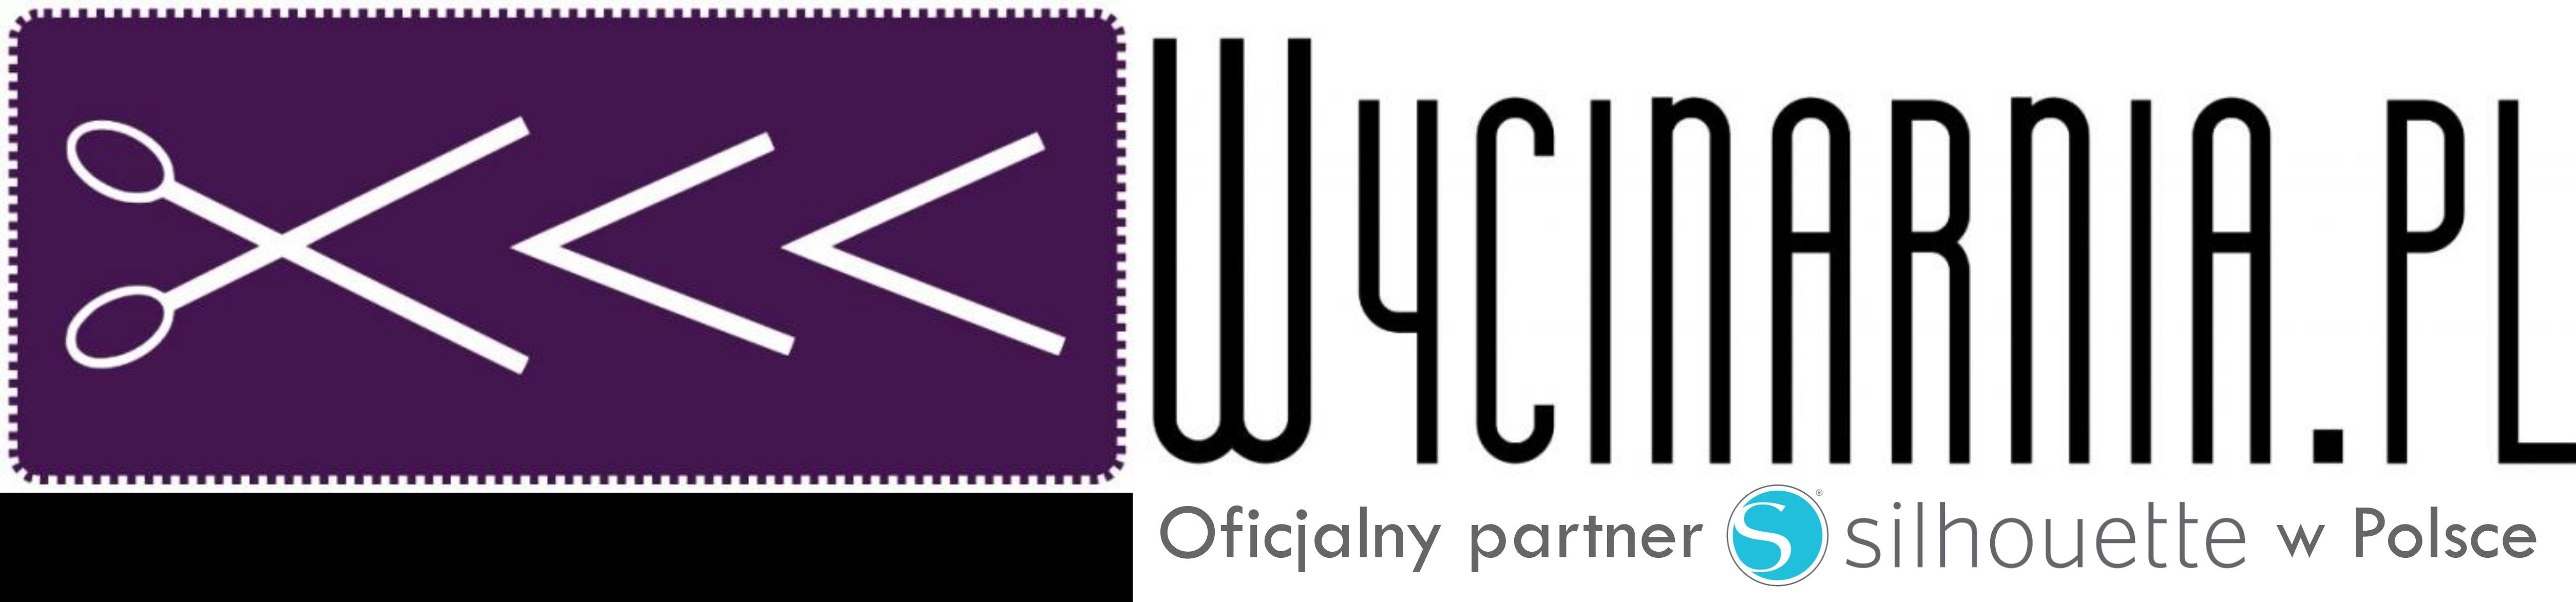 Wycinarnia.pl | plotery Silhouette, Cameo 4, Curio